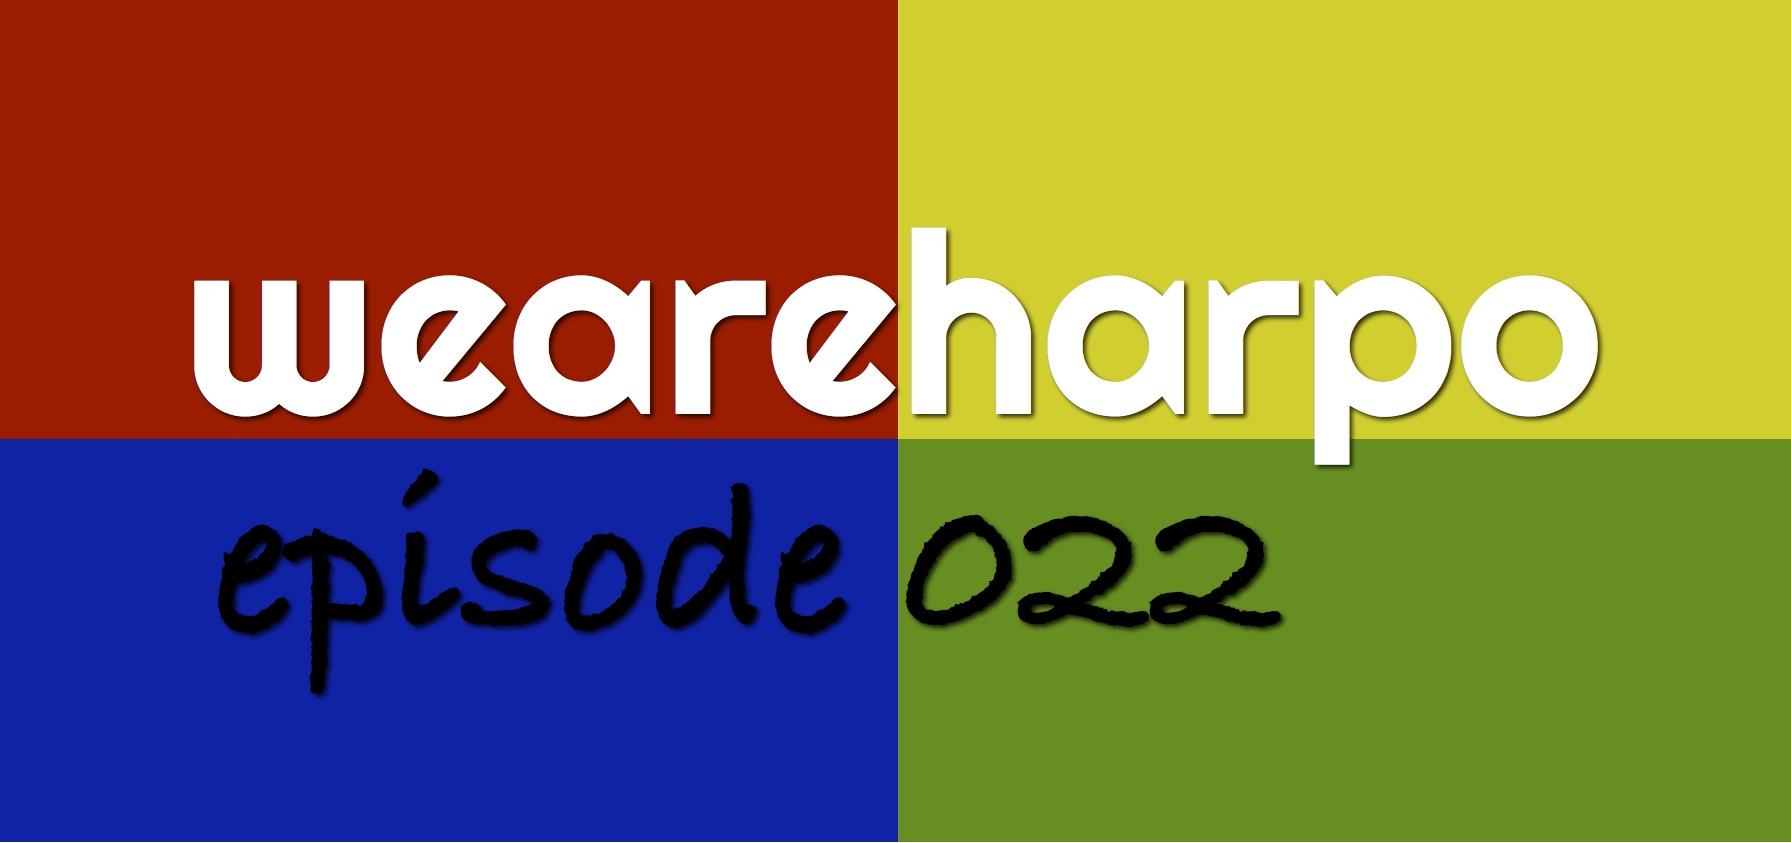 Episode 022 Logo